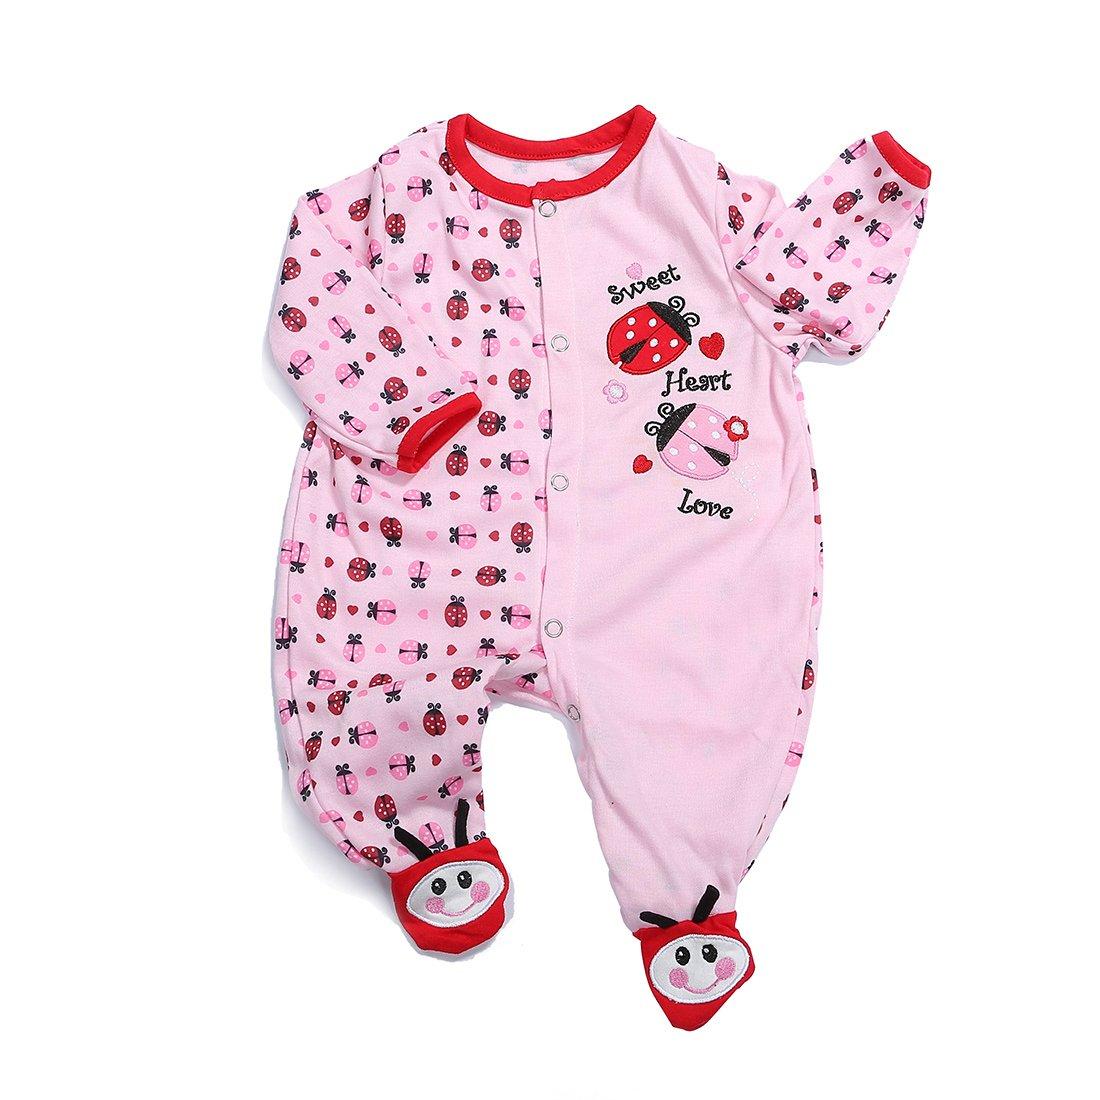 Vêtement Convient pour Les Vêtements de Poupée de 20-22 Pouces, Bébé Reborn Baby Doll - Petit motif de scarabée Vêtement